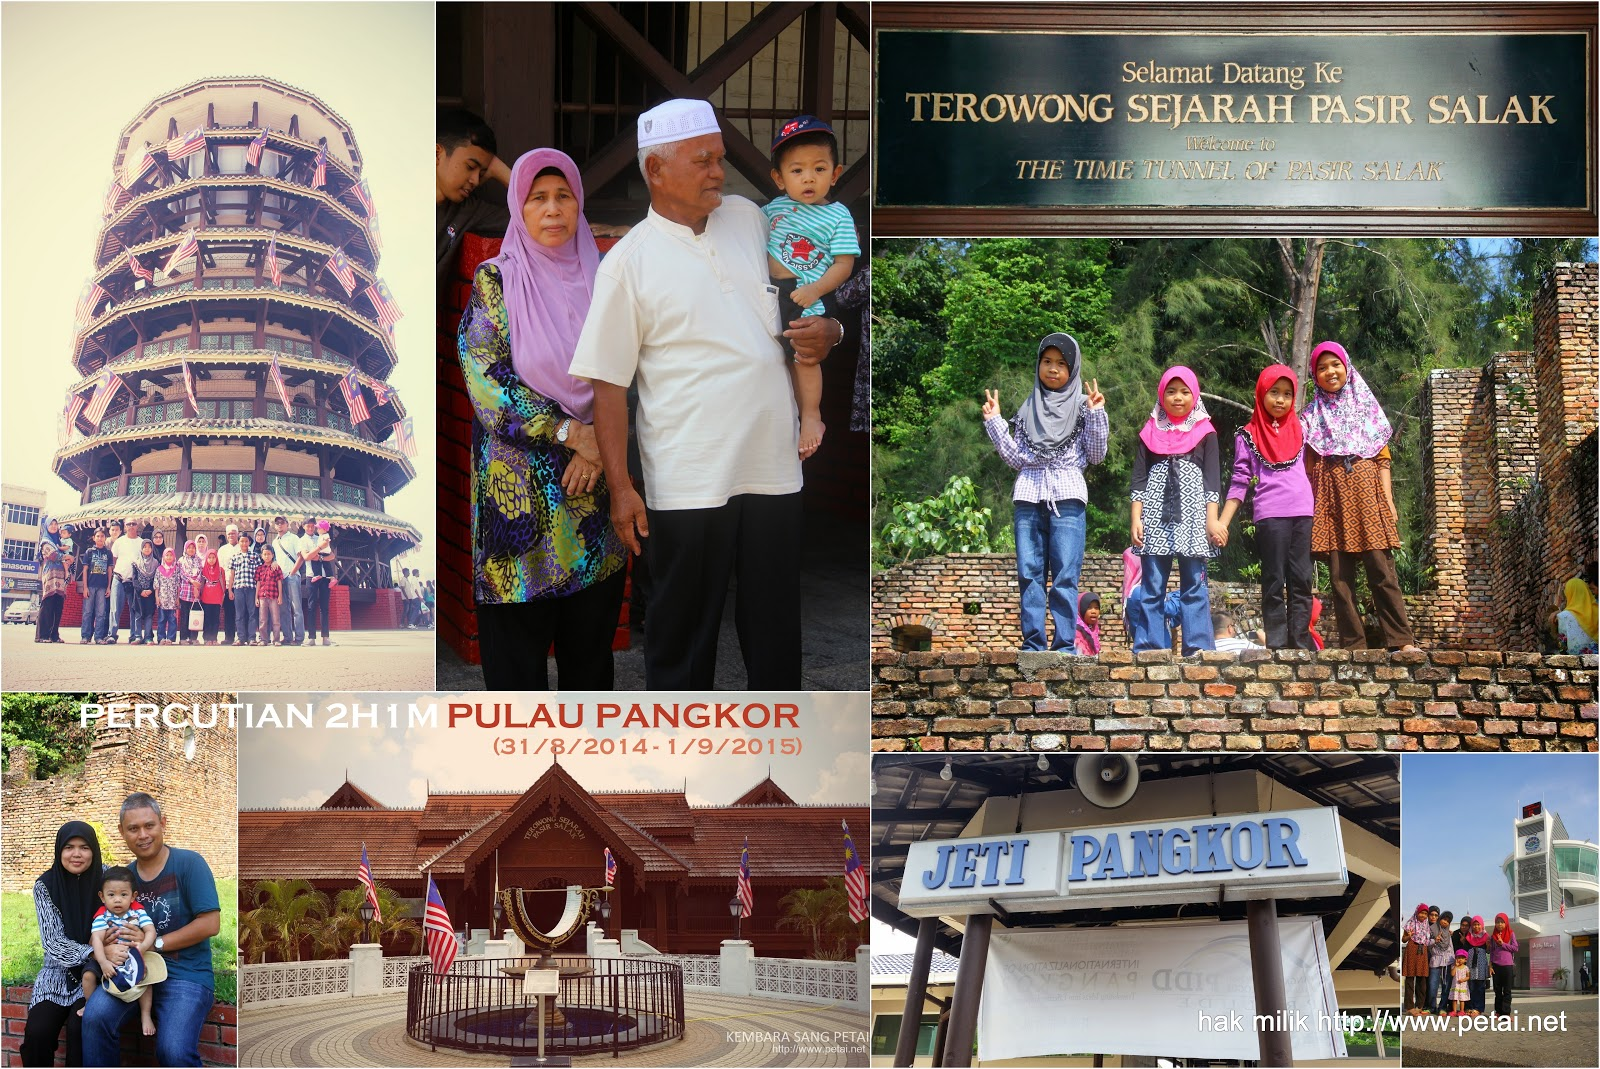 Percutian 2H1M Pulau Pangkor